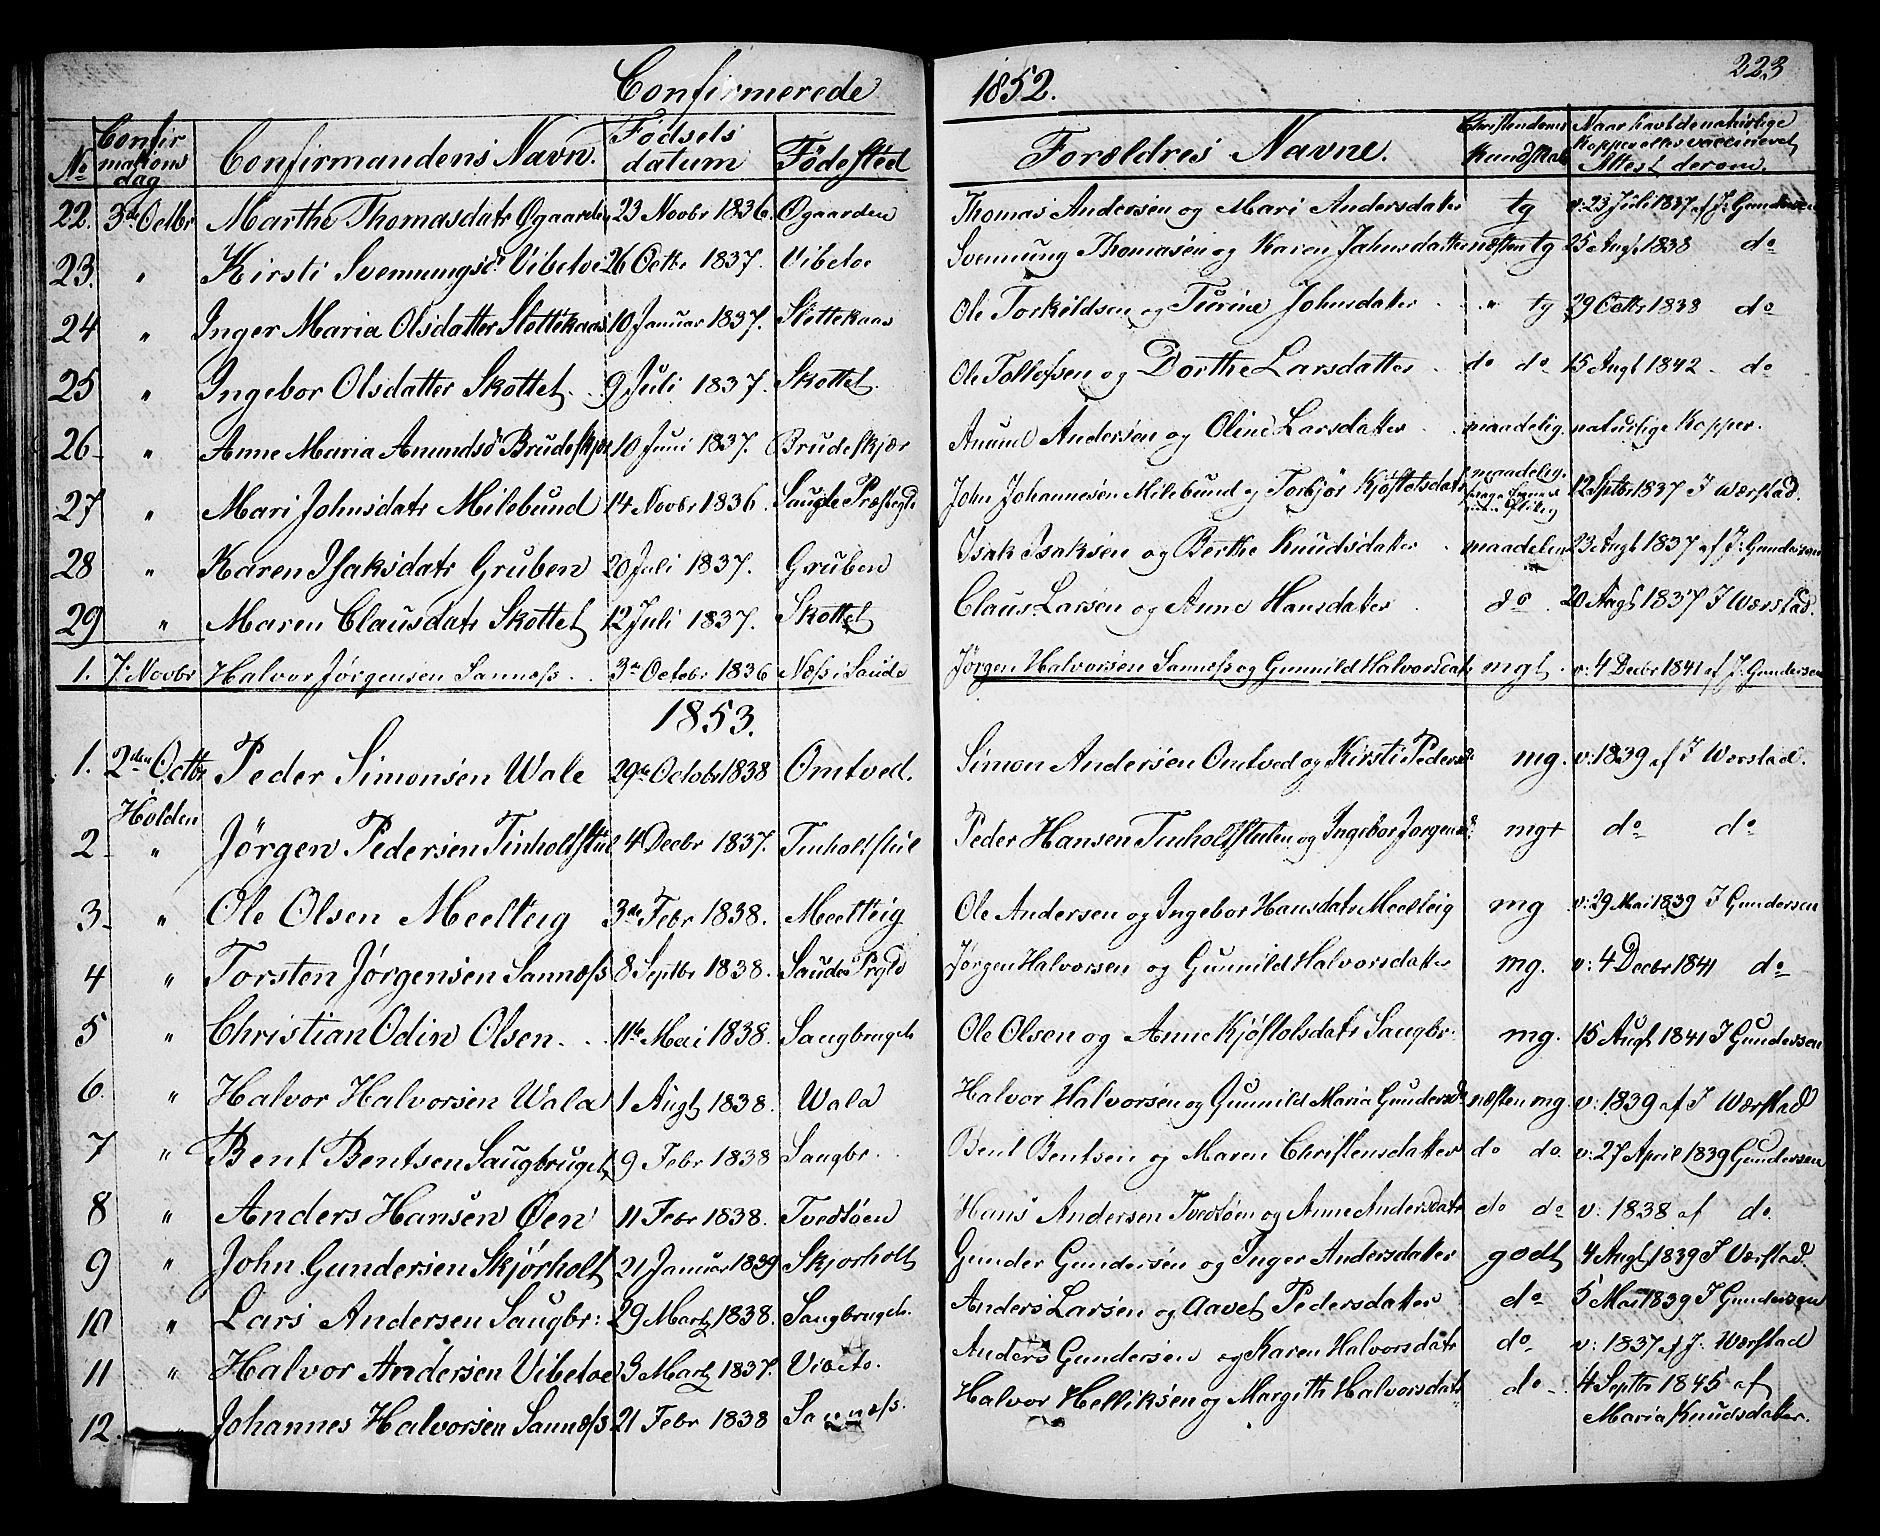 SAKO, Holla kirkebøker, G/Ga/L0003: Klokkerbok nr. I 3, 1849-1866, s. 223